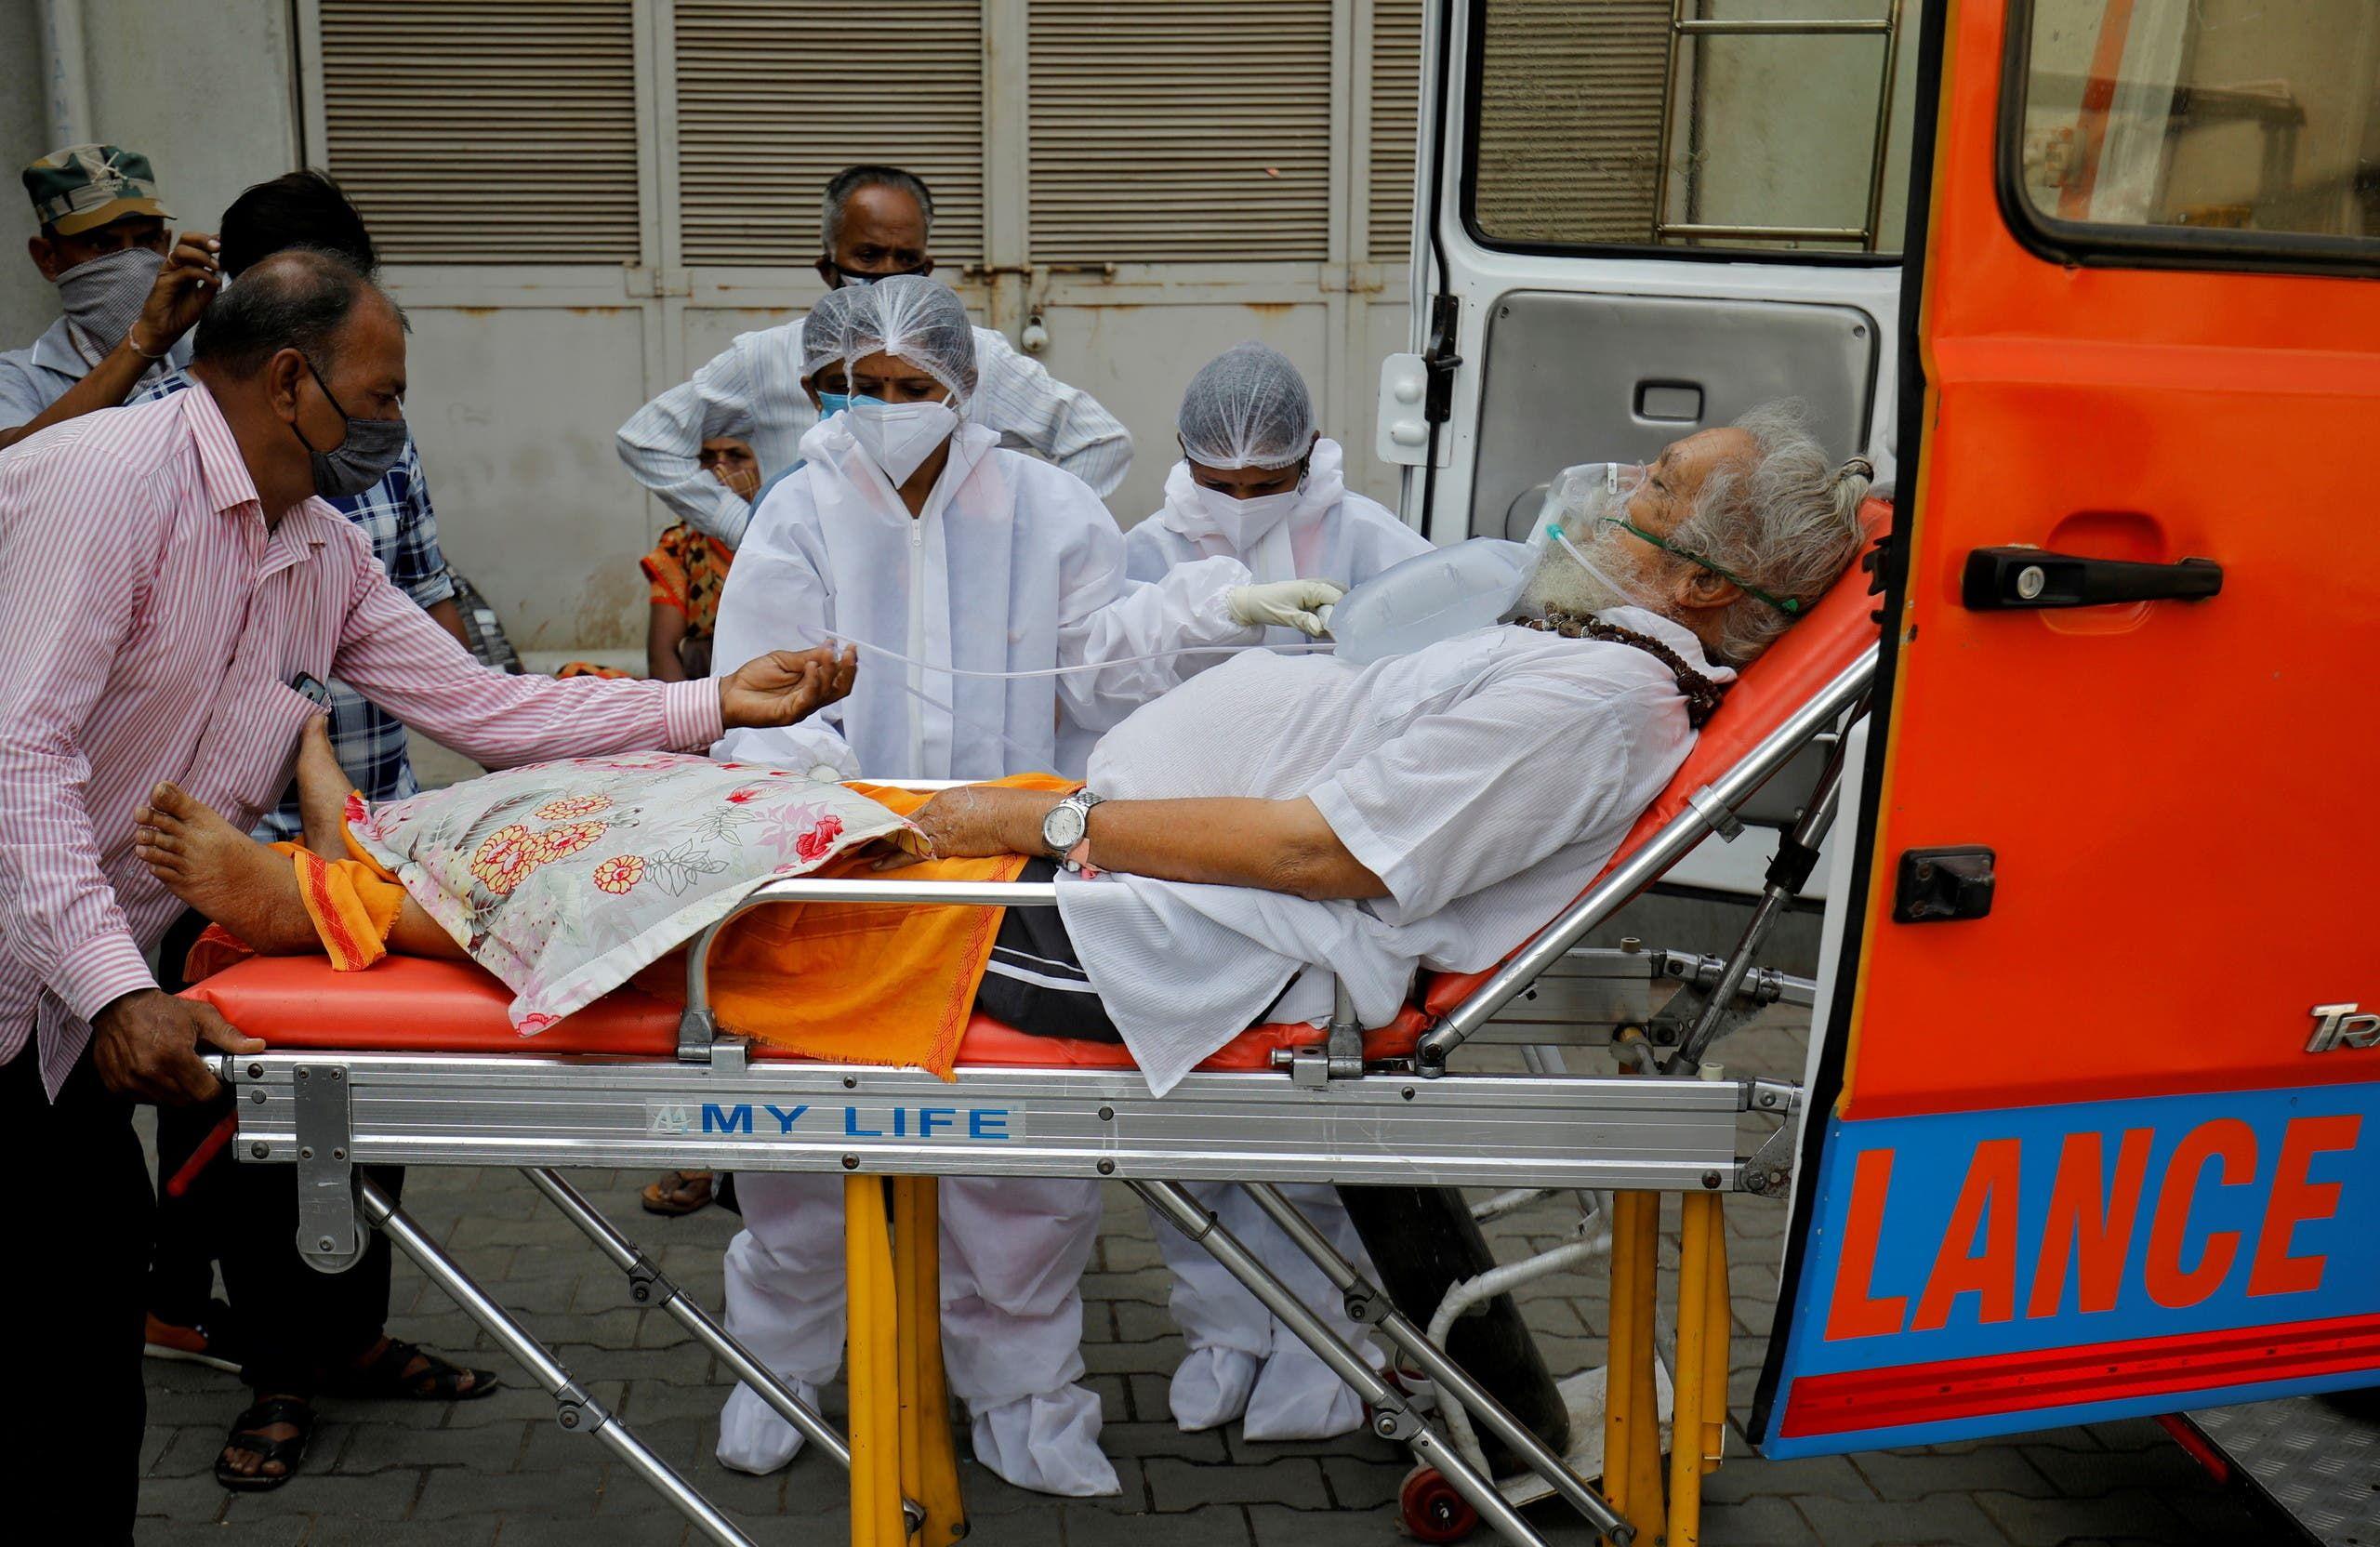 نقل رجل مصاب بكورونا إلى المستشفى في أحمدأباد